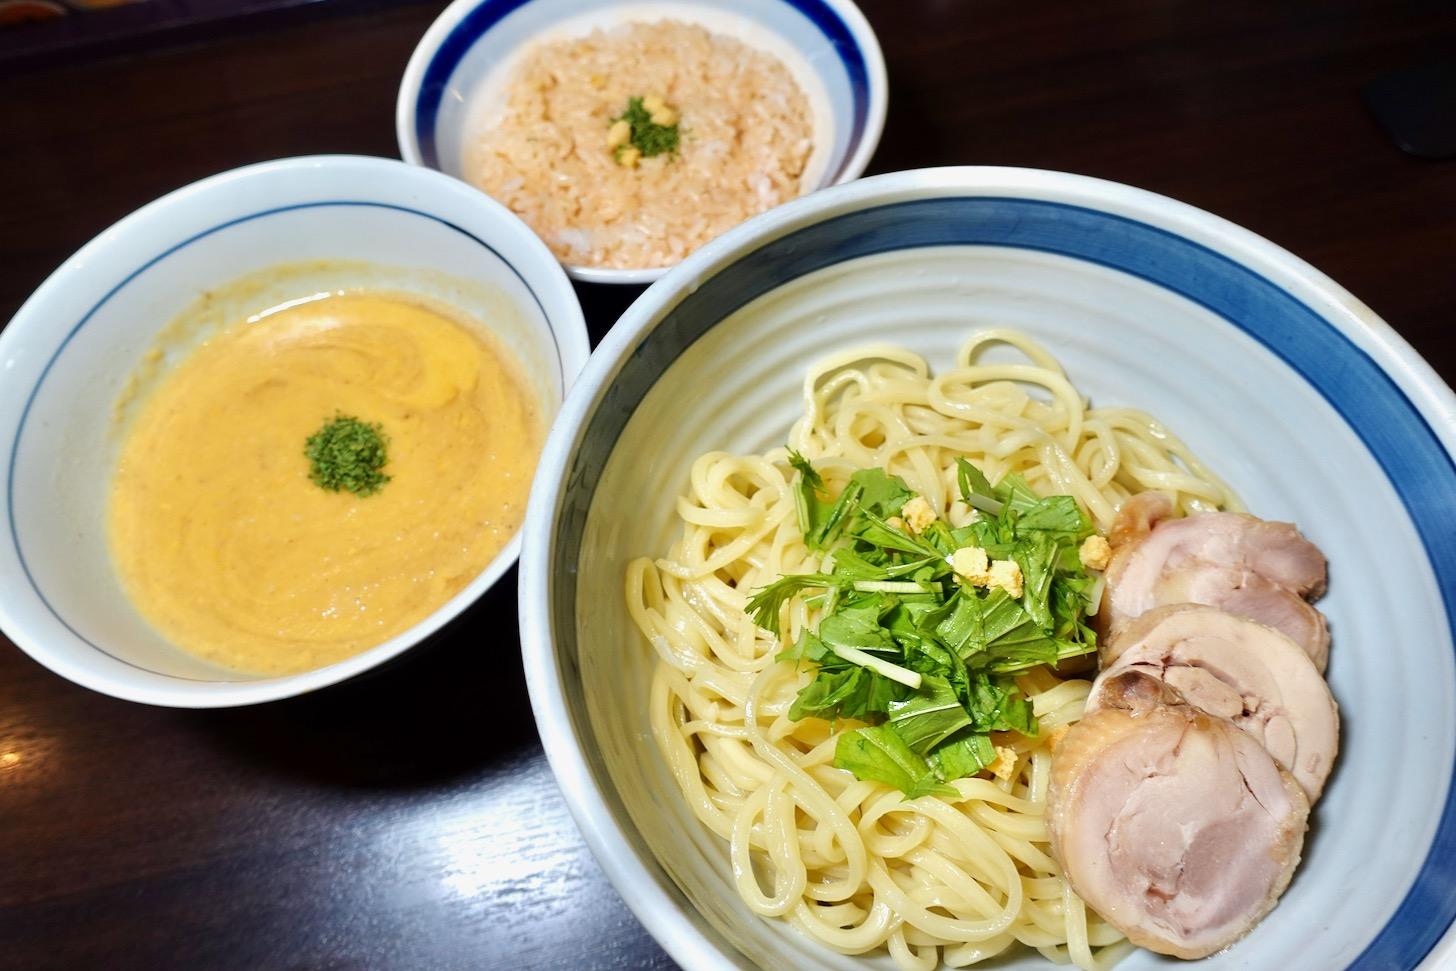 うにソースつけ麺 〆の海老のビスク・リゾットつき(数量限定・時間限定)